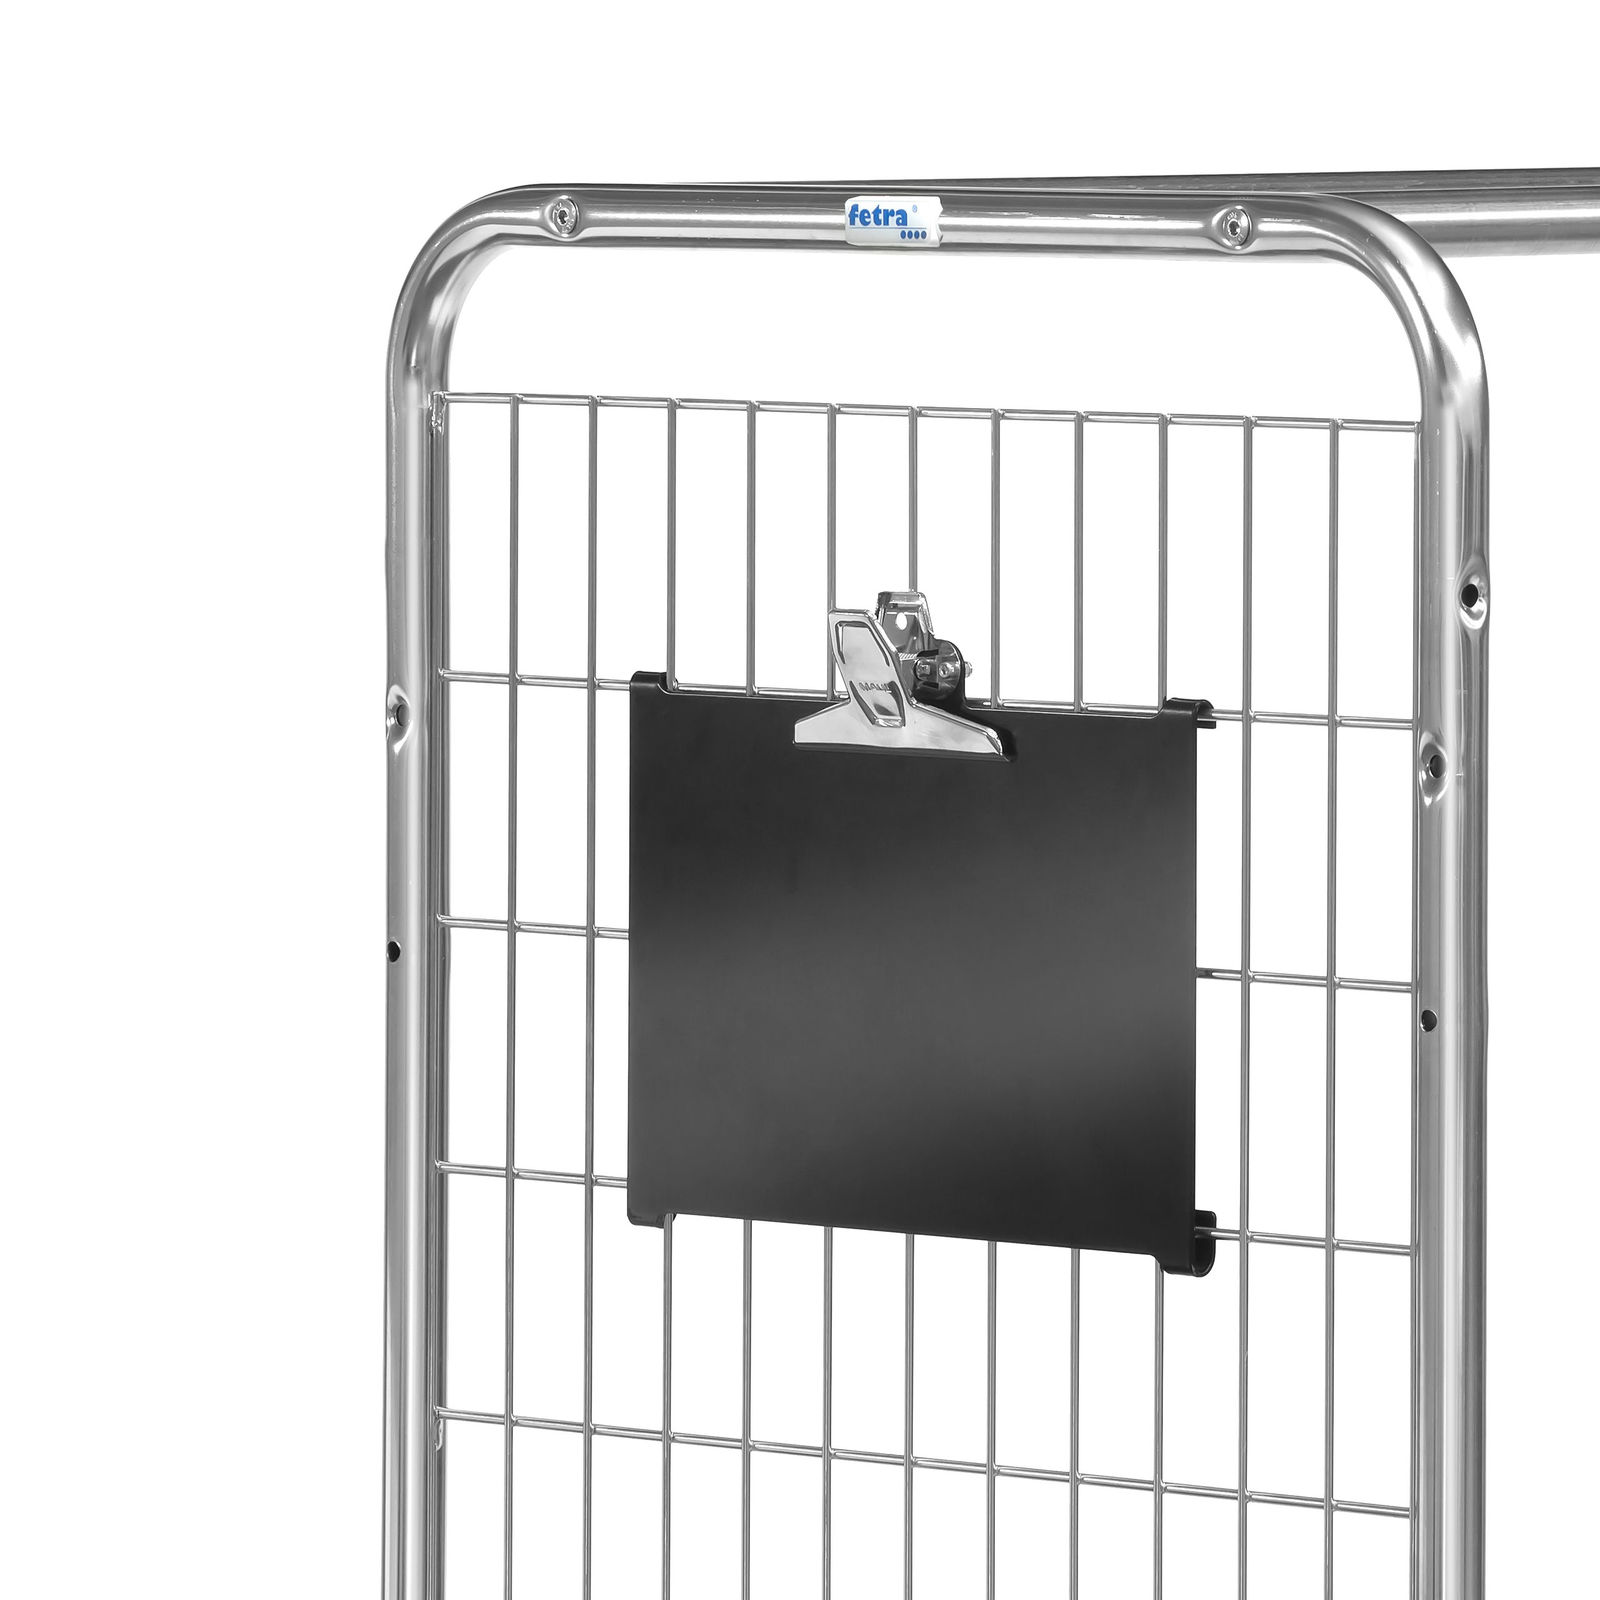 kennzeichnungstafel kommissionierwagen baukastensystem bei kaiser systeme. Black Bedroom Furniture Sets. Home Design Ideas